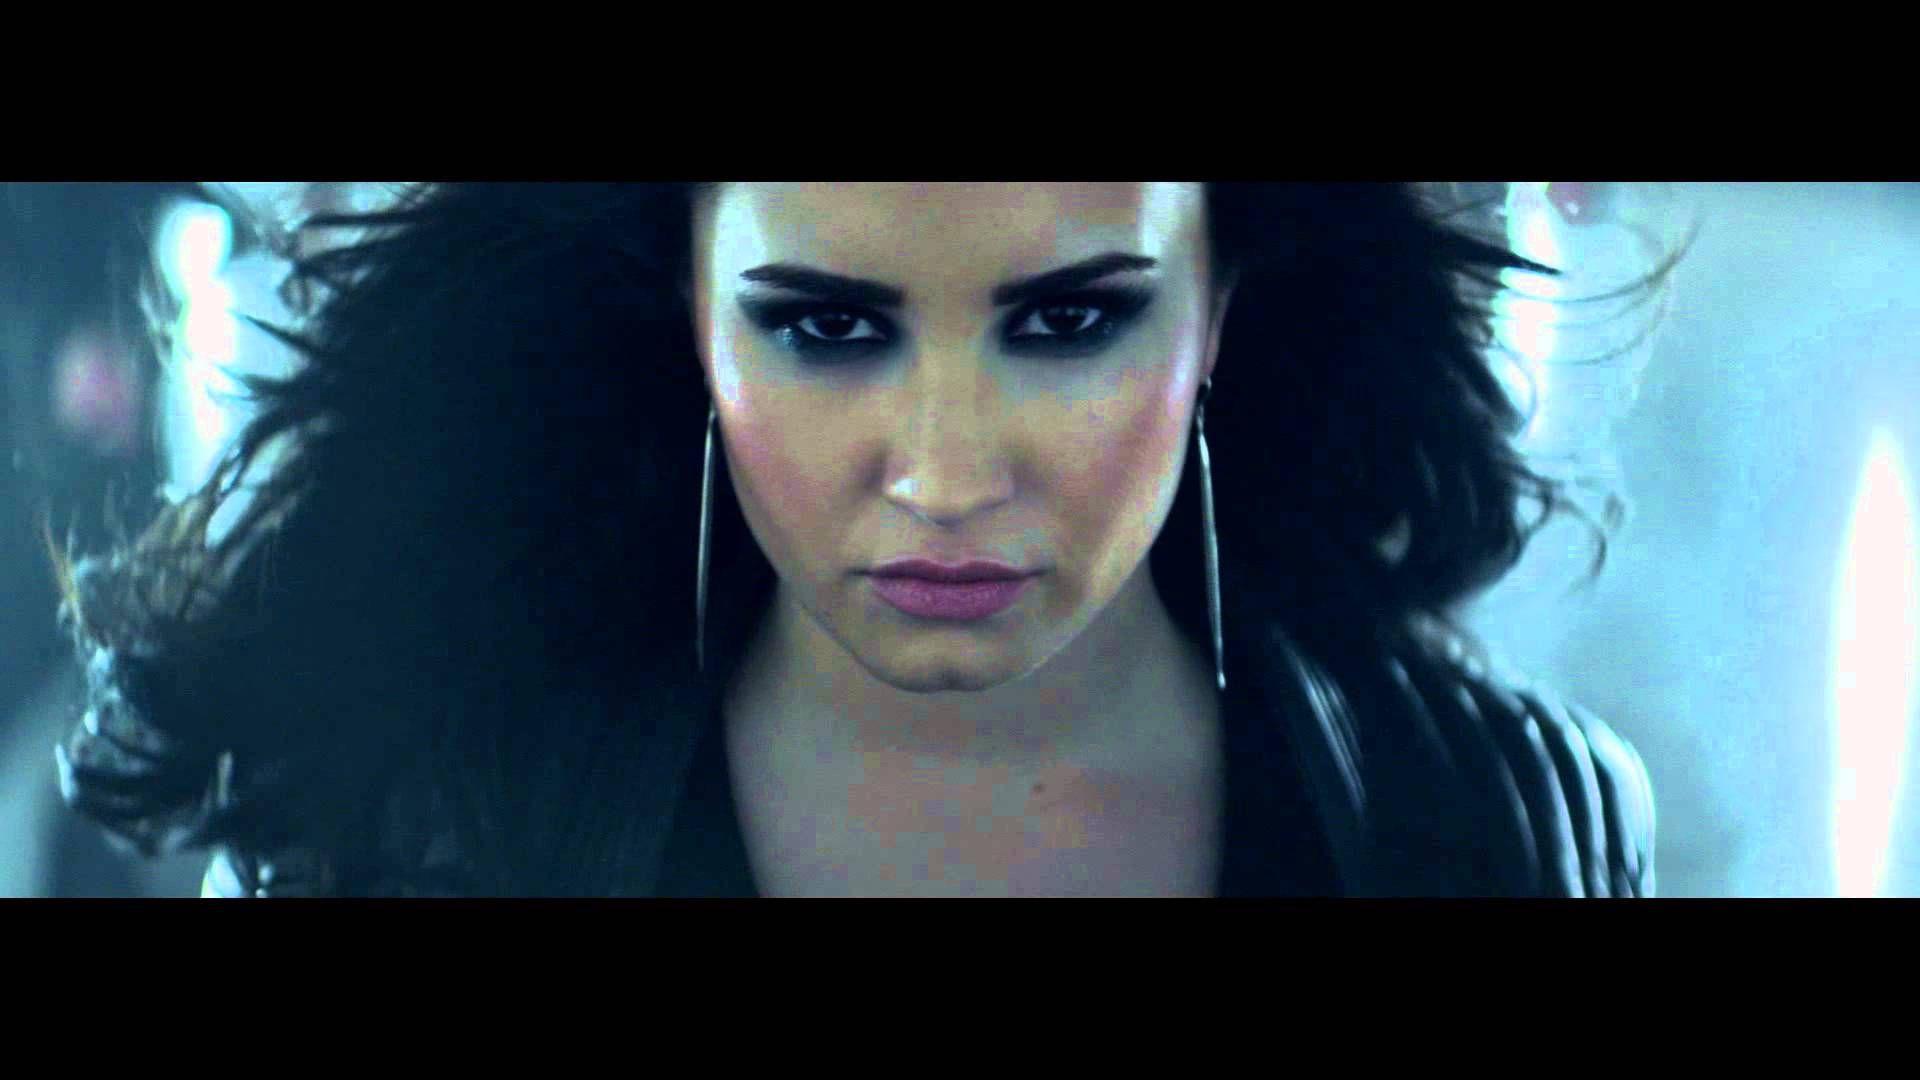 Demi Lovato Heart Attack Official Video Teaser 4 Via Youtube Demi Lovato Heart Attack Demi Lovato Gif Demi Lovato